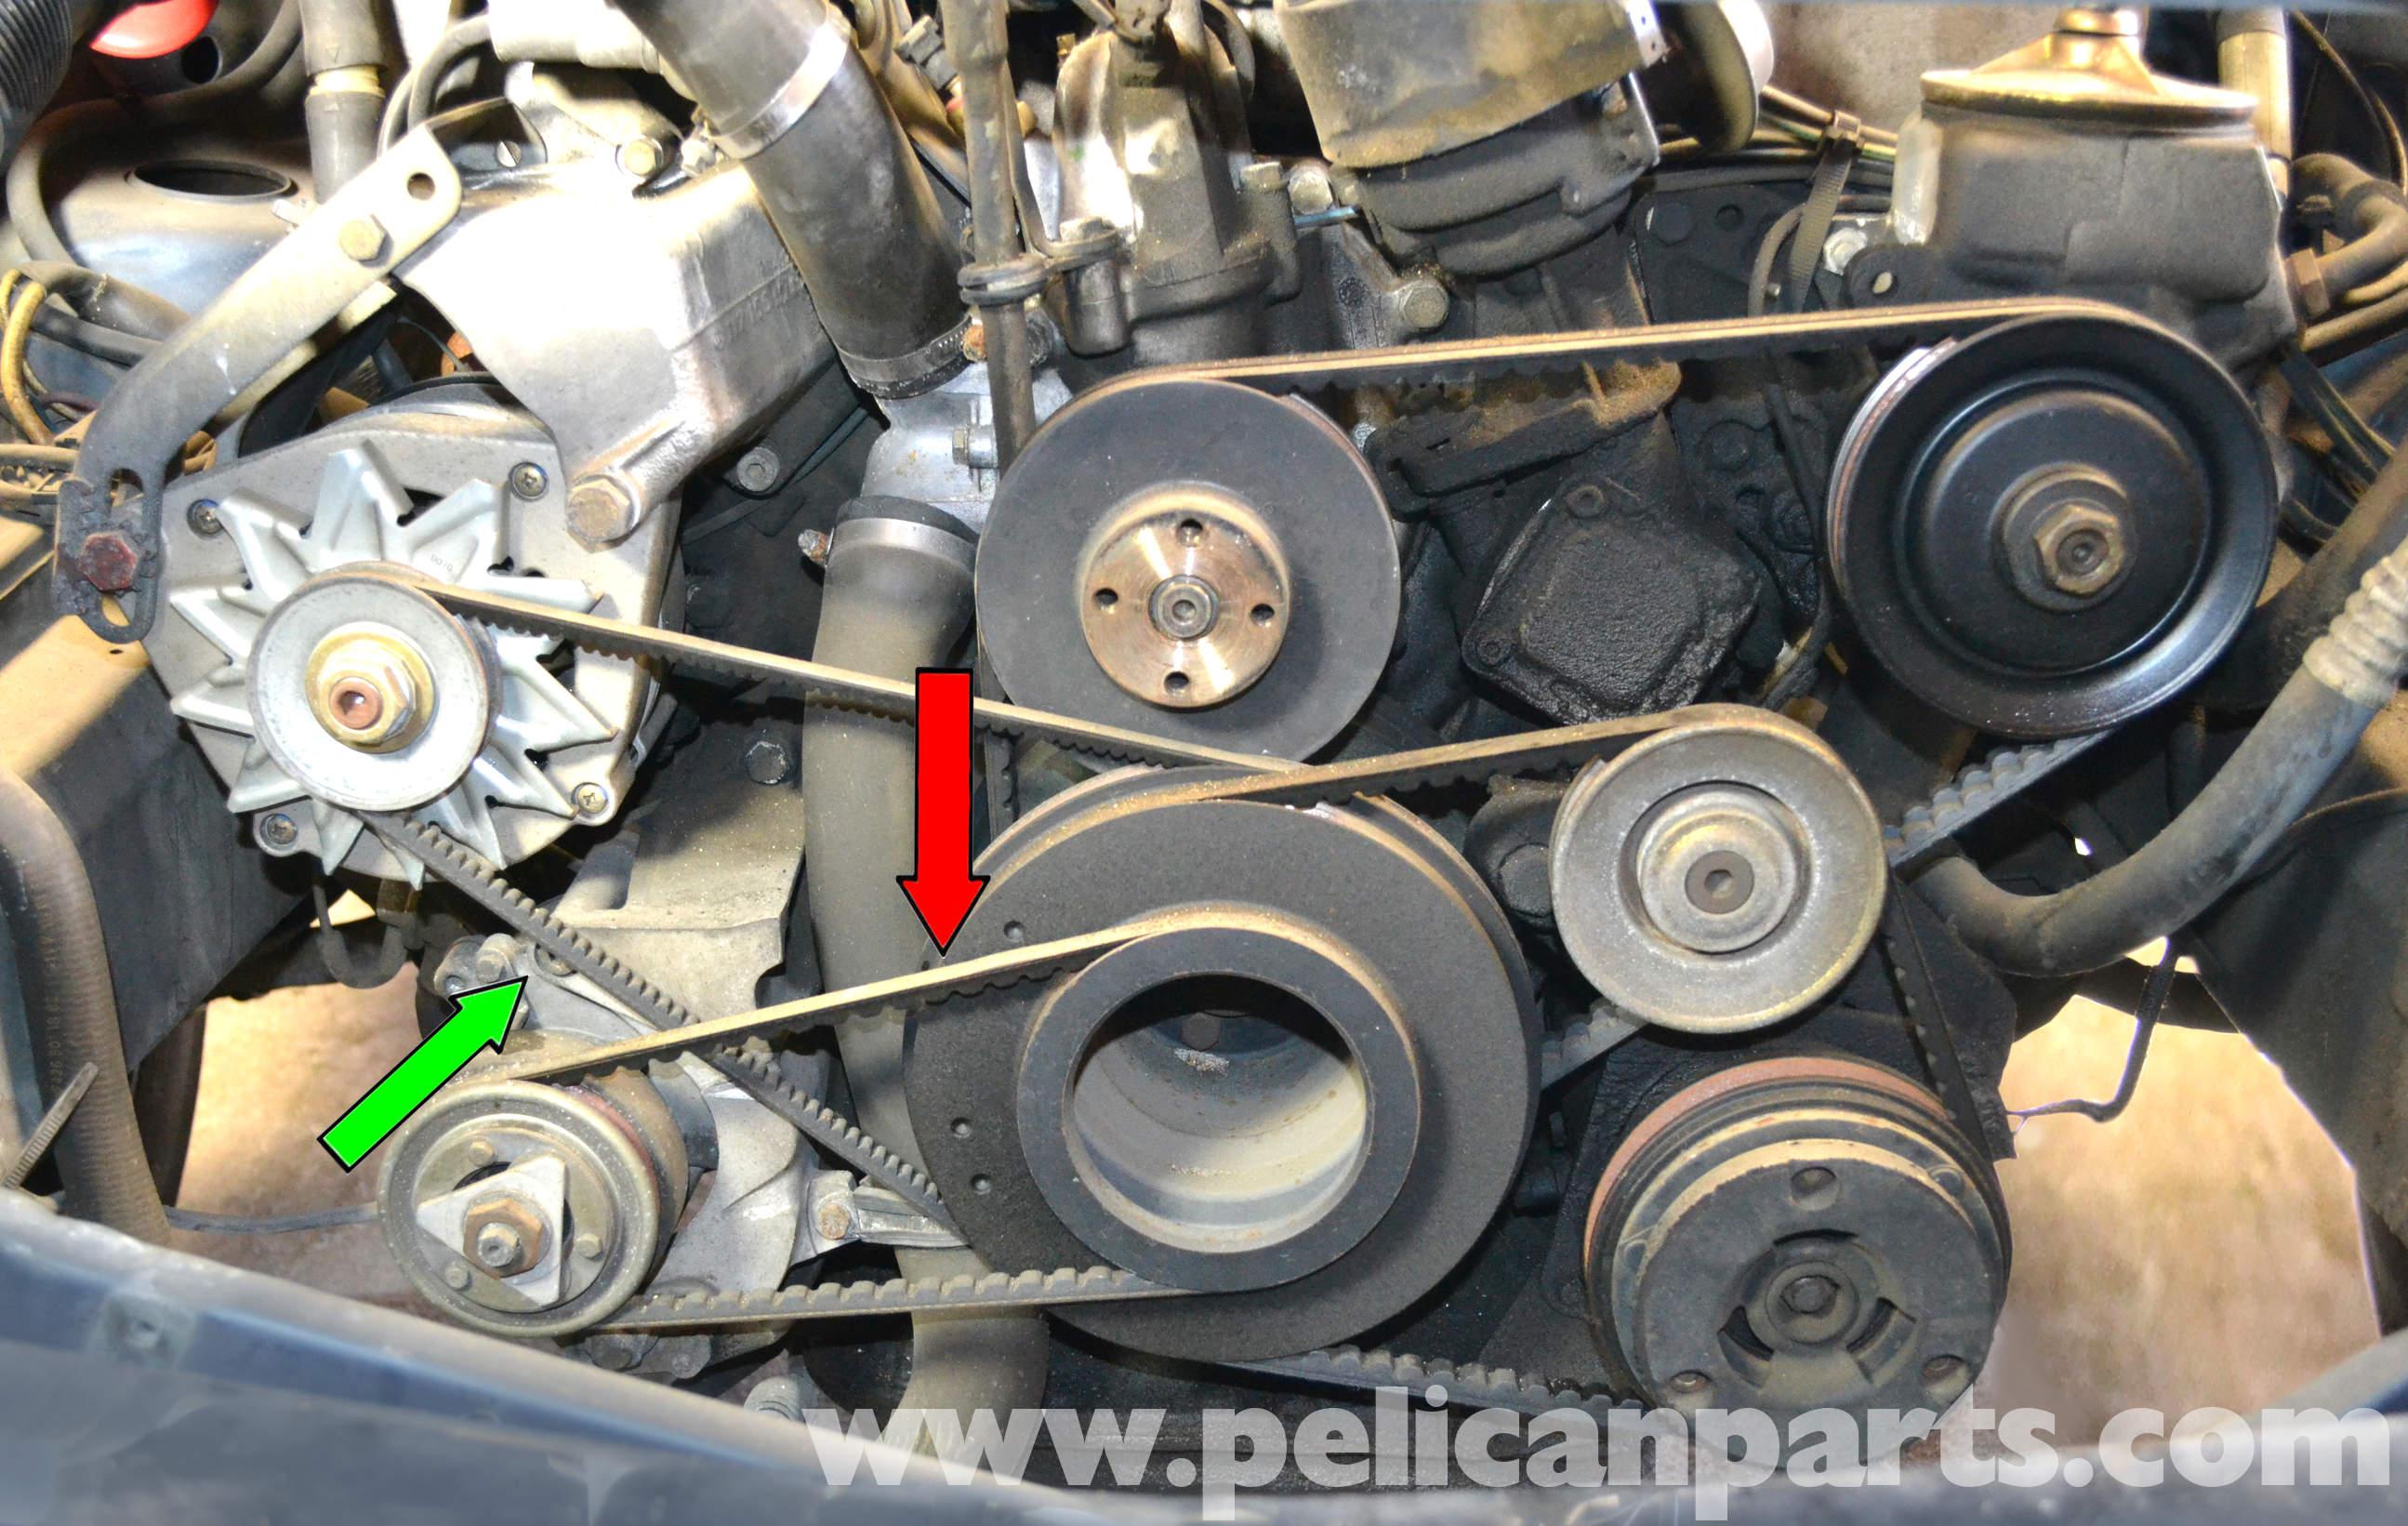 1987 mercedes 300d alternator wiring diagram    mercedes    benz w126 air pump belt replacement 1981 1991 s     mercedes    benz w126 air pump belt replacement 1981 1991 s